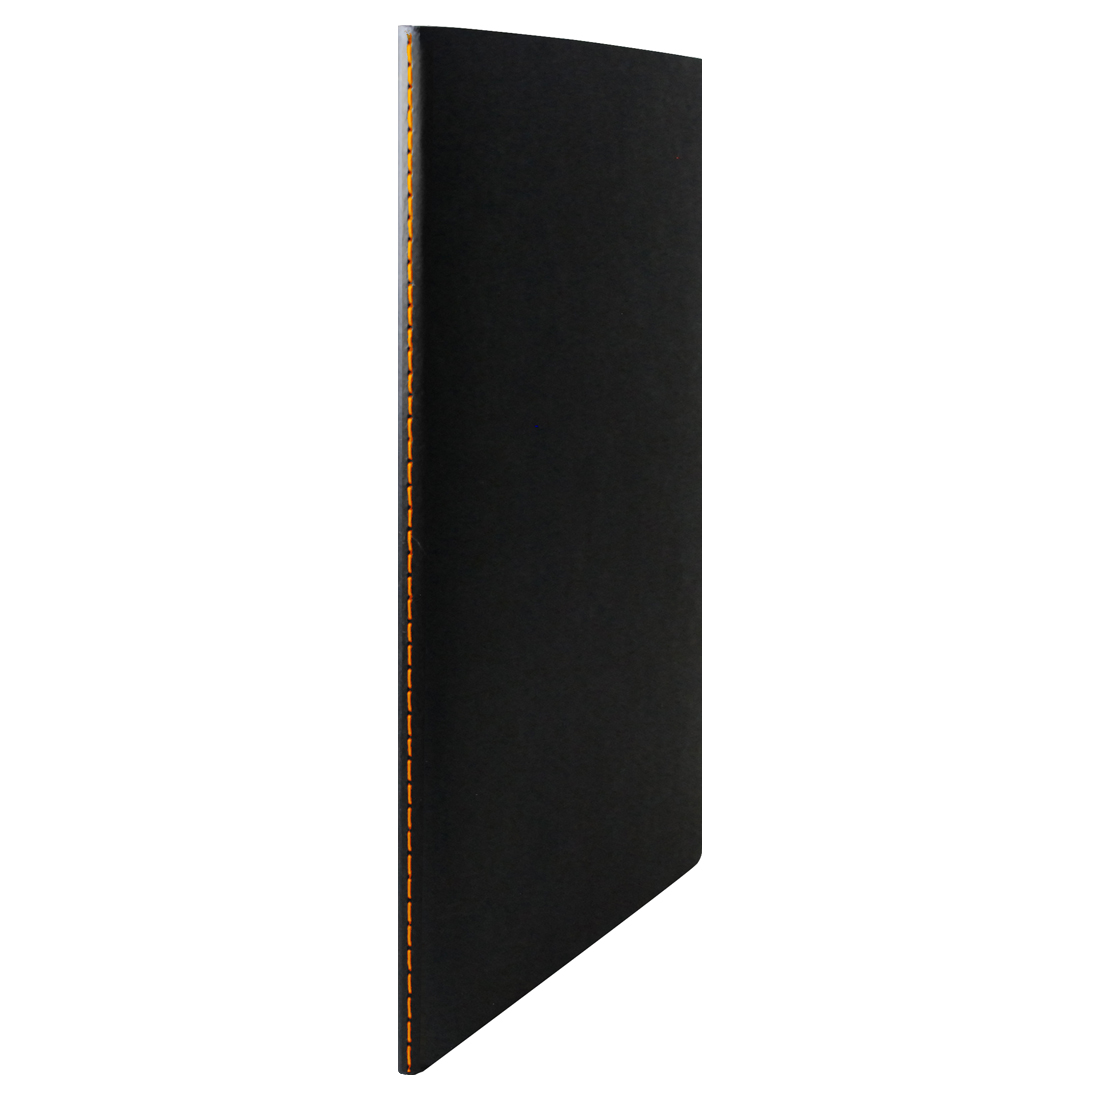 Branded Notebooks - Castelli Singer